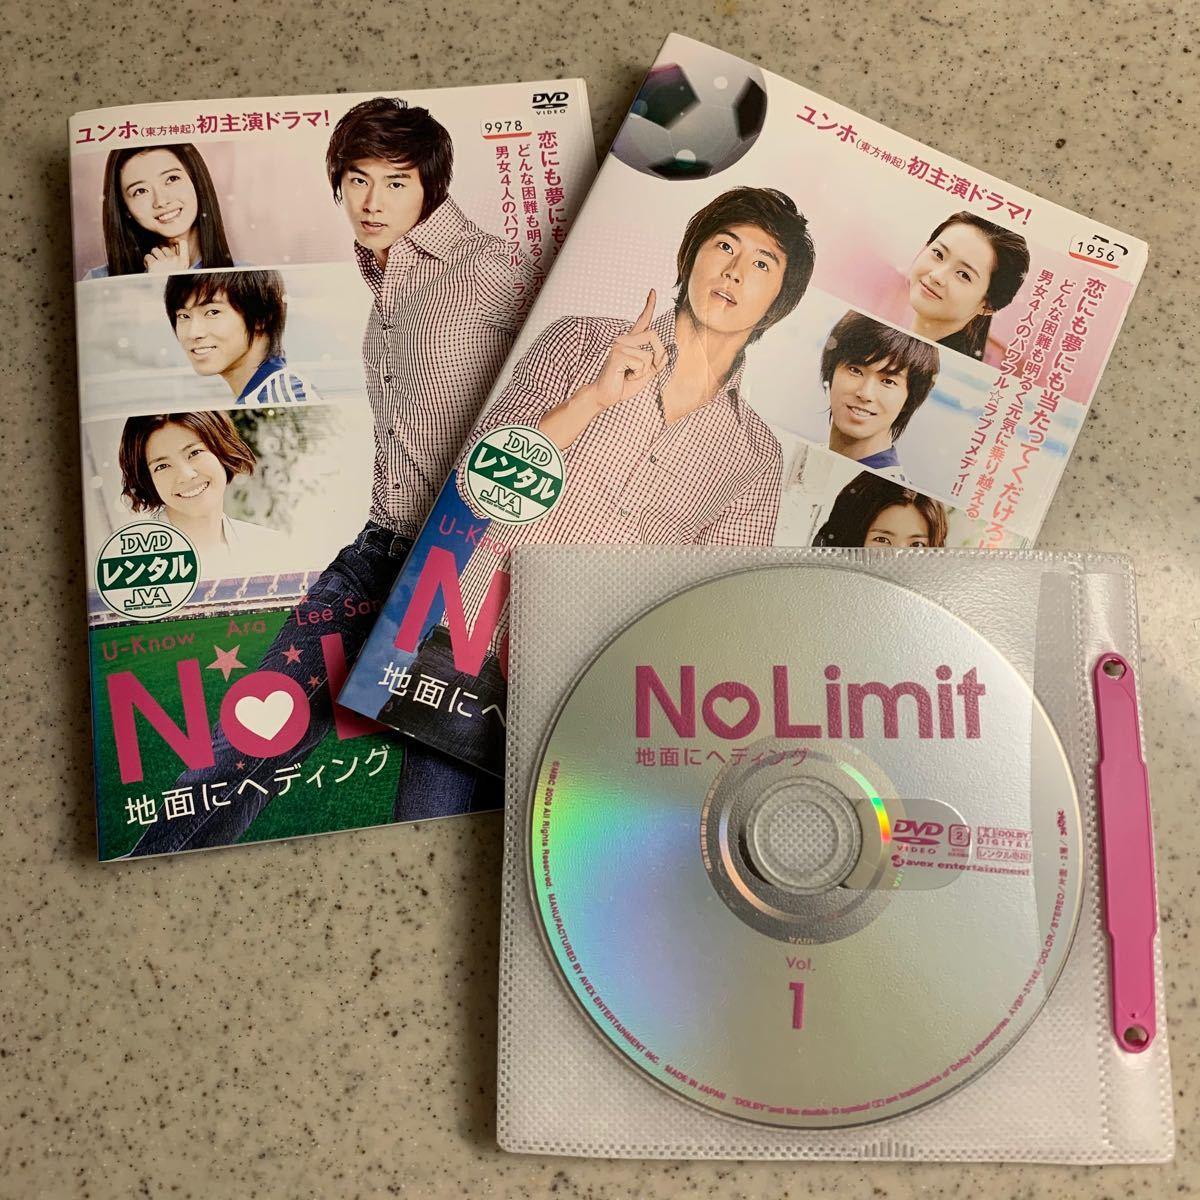 韓国ドラマ(DVD)/ノーリミット 東方神起ユンホ